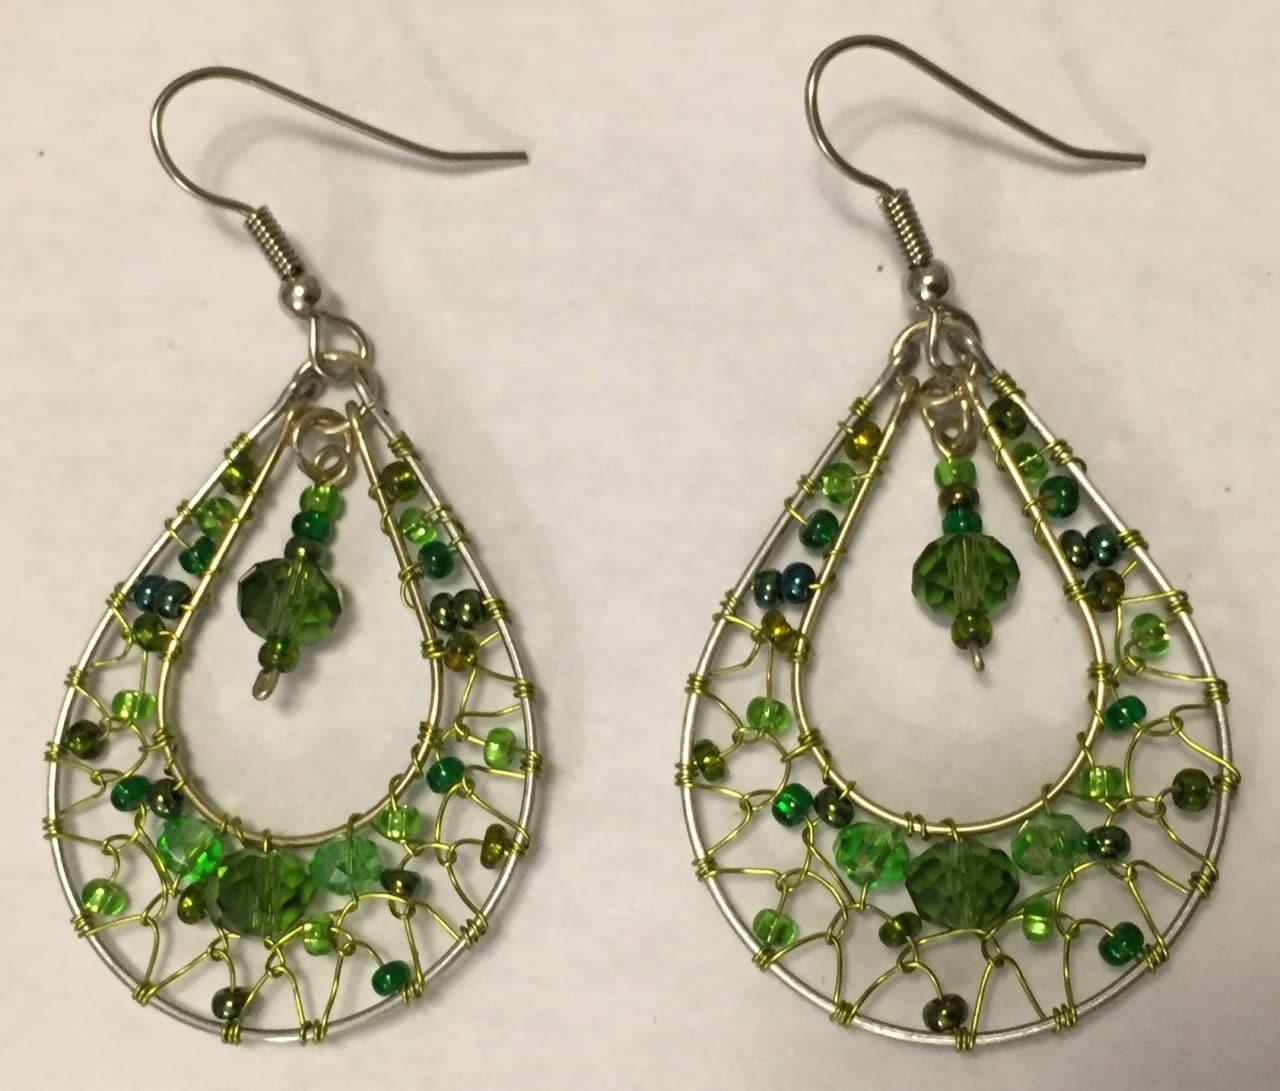 Teardrop Dreamcatcher Earrings - Greens